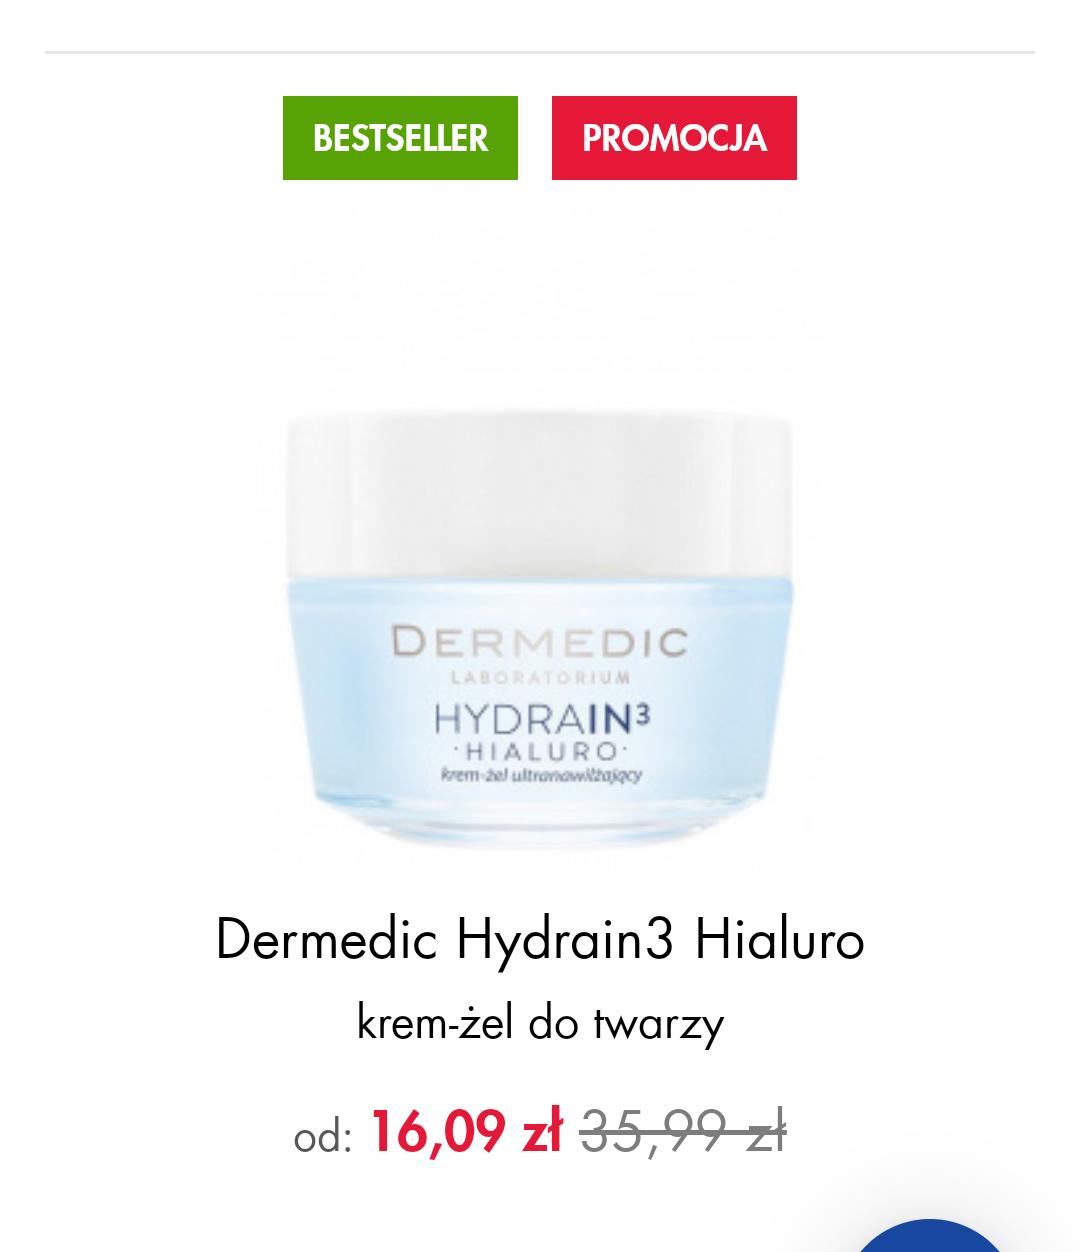 Dermedic Hydrain3 Hialurono w Super-pharm